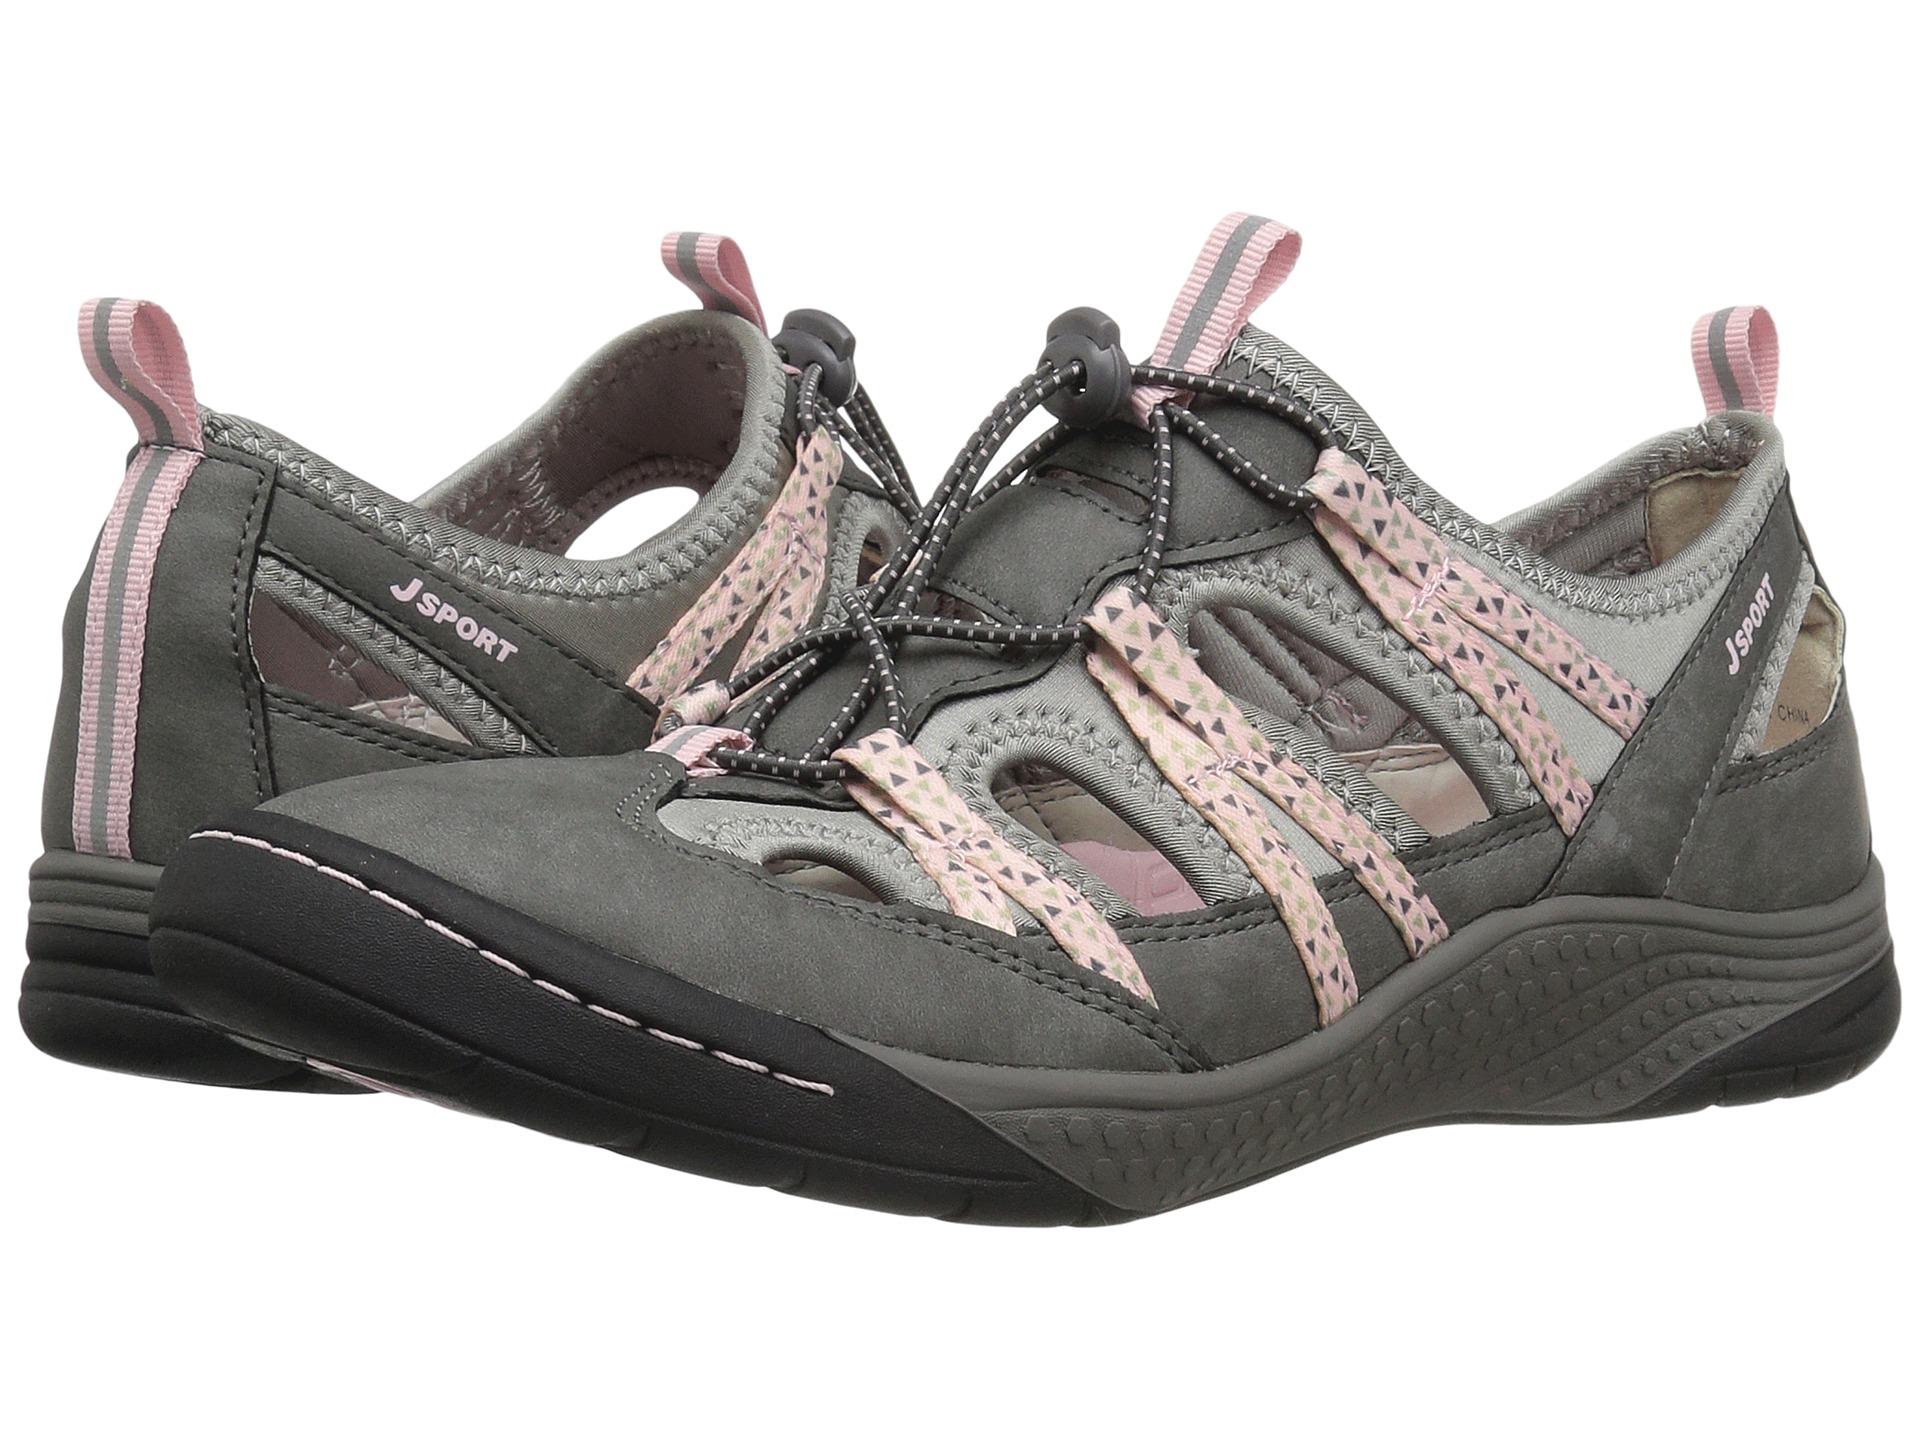 cb7b76a7ba14 JSport by Jambu Women s Hibiscus Walking Shoe